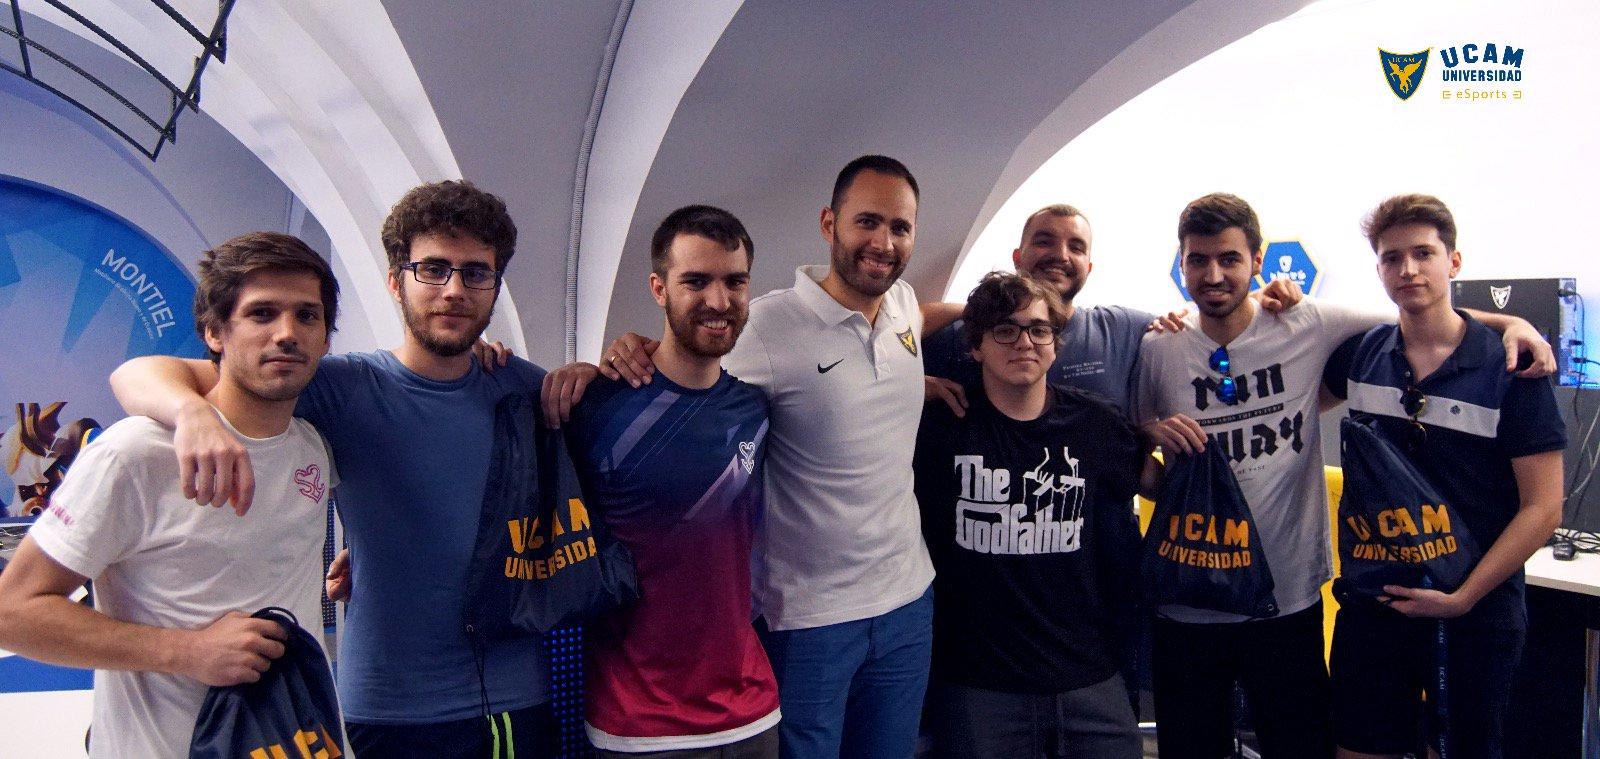 Foto: El equipo profesional de 'League of Legends' S2V durante su estancia en las instalaciones del CIFeS bajo el servicio de STAGeS de UCAM eSports